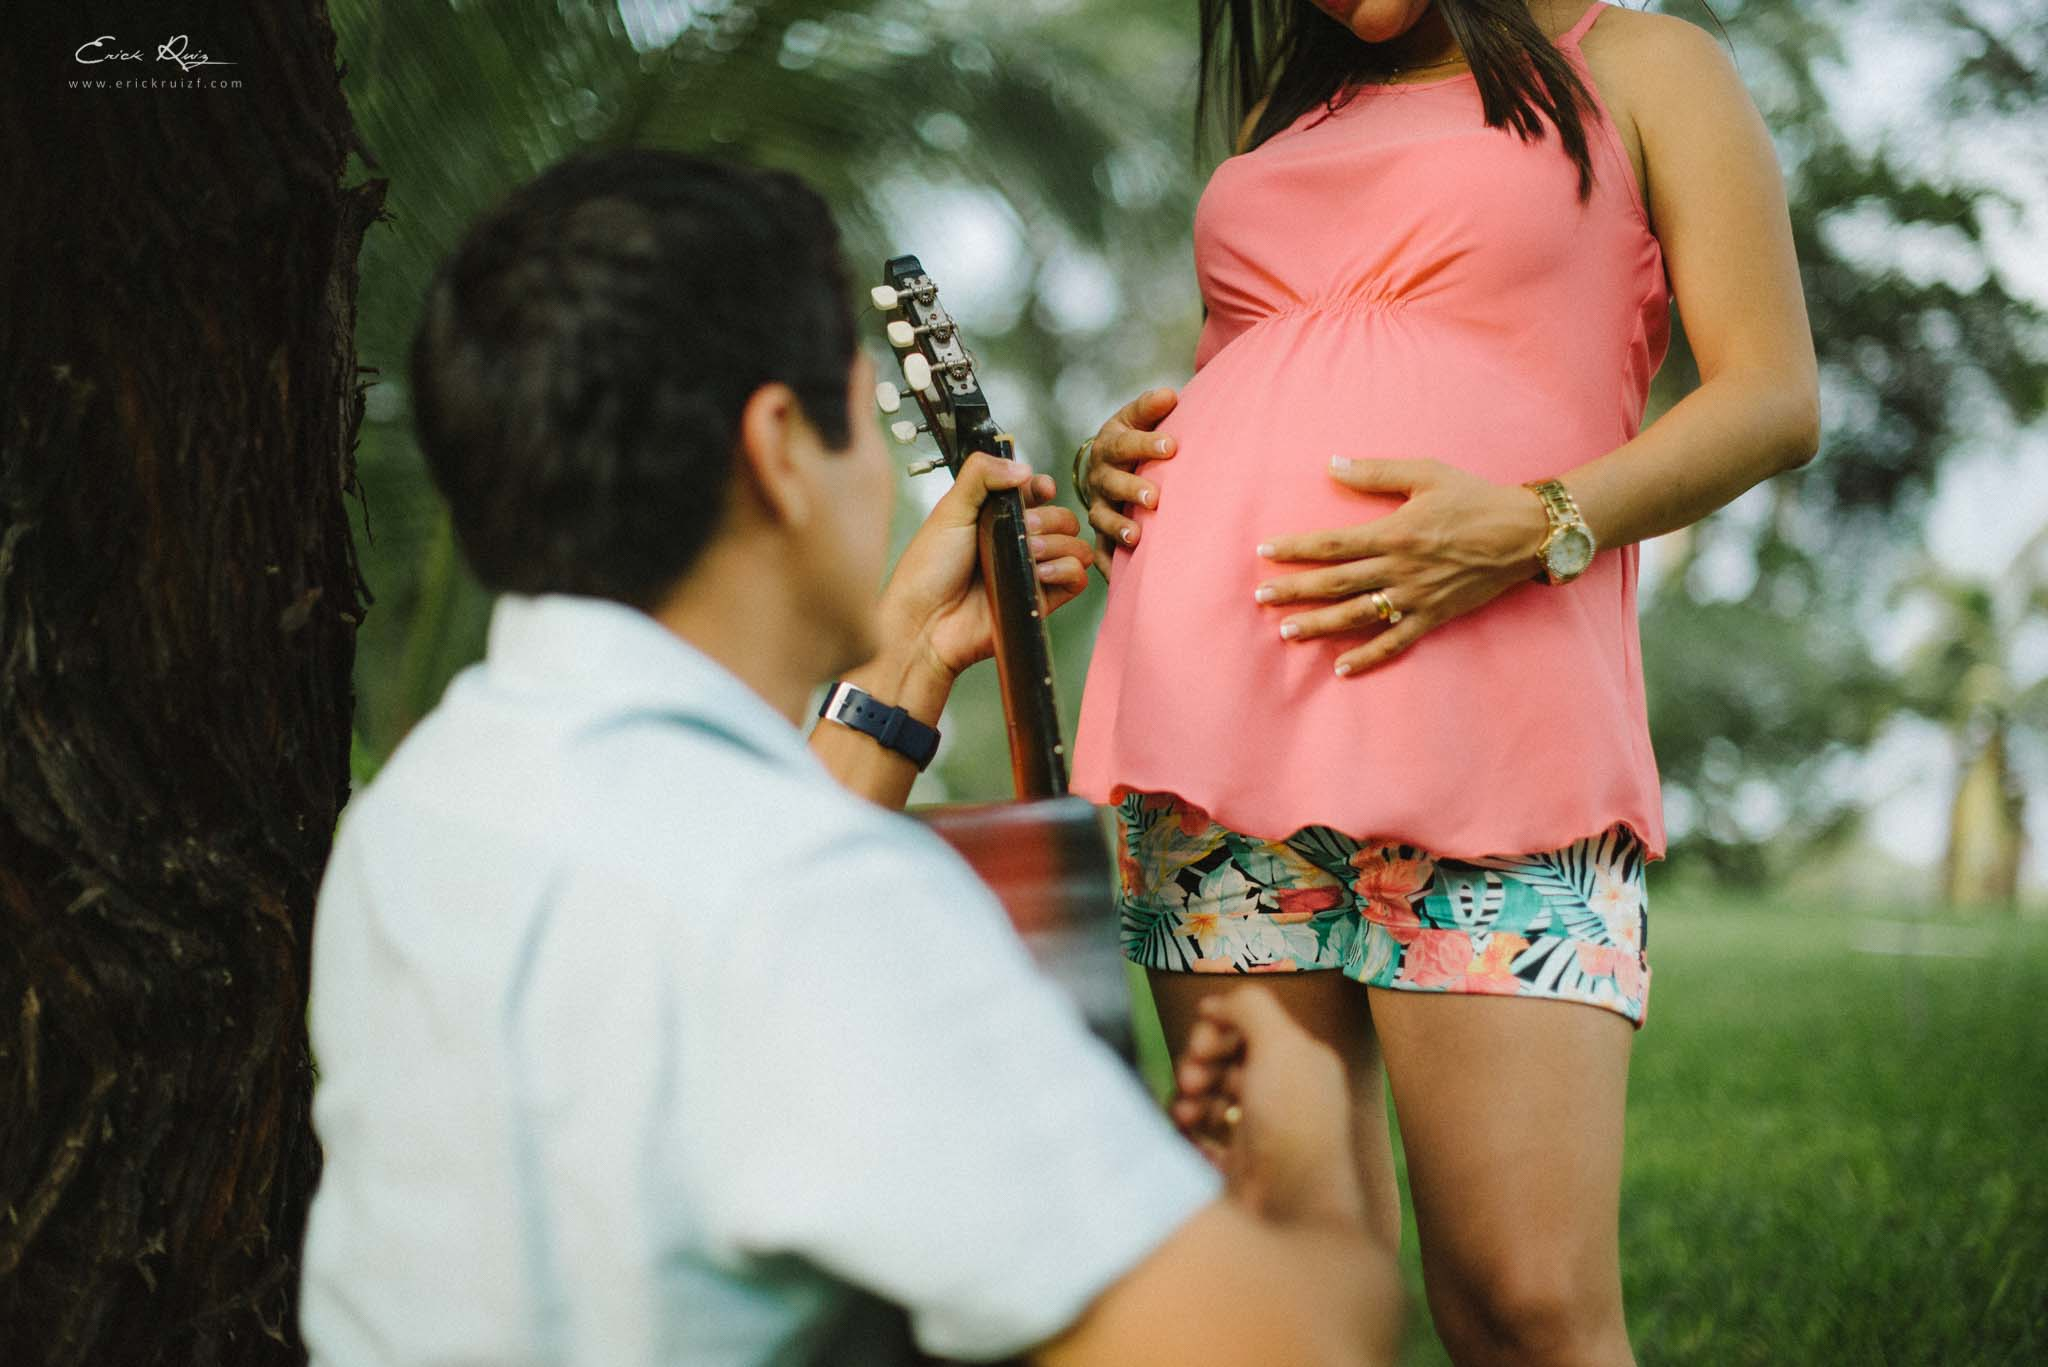 gestante marita, sesion de fotos gestantes, dulce espera, embarazadas, sesion maternidada, gestante en campo, gestante en fundo stewart, sesion de fotos en piura, zoomx studio, erick ruiz